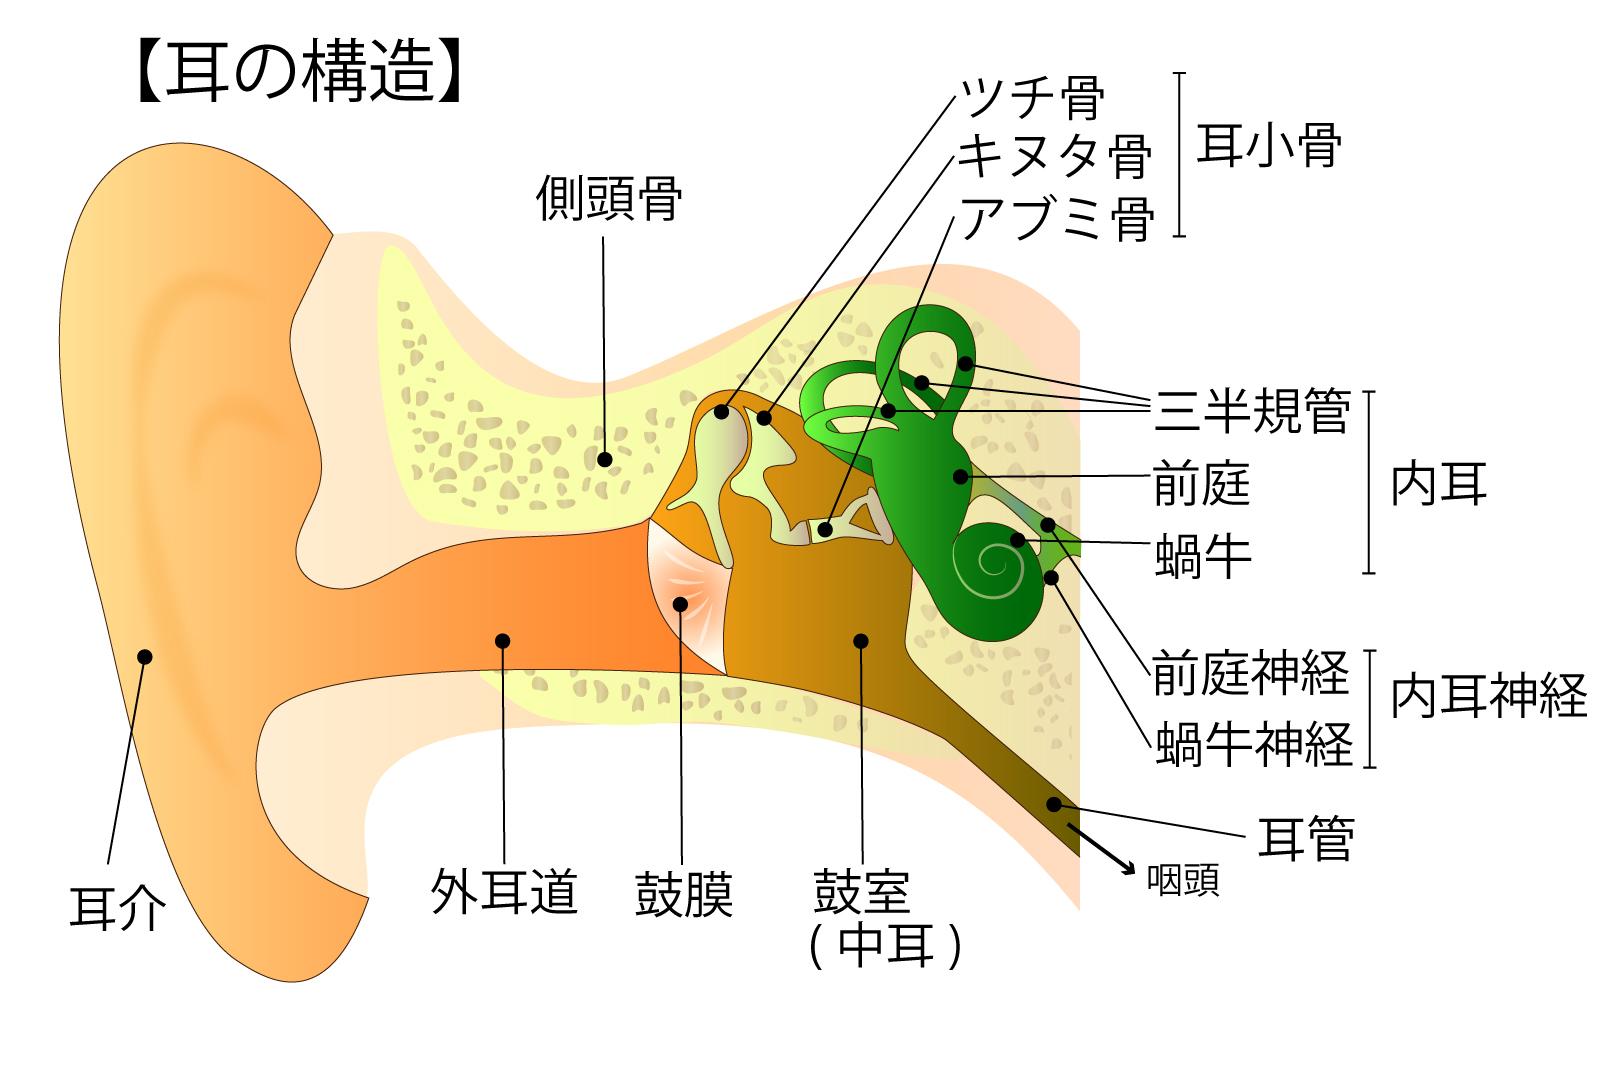 カイロ奈良整体西大寺カイロプラクティック整体院の耳の構造